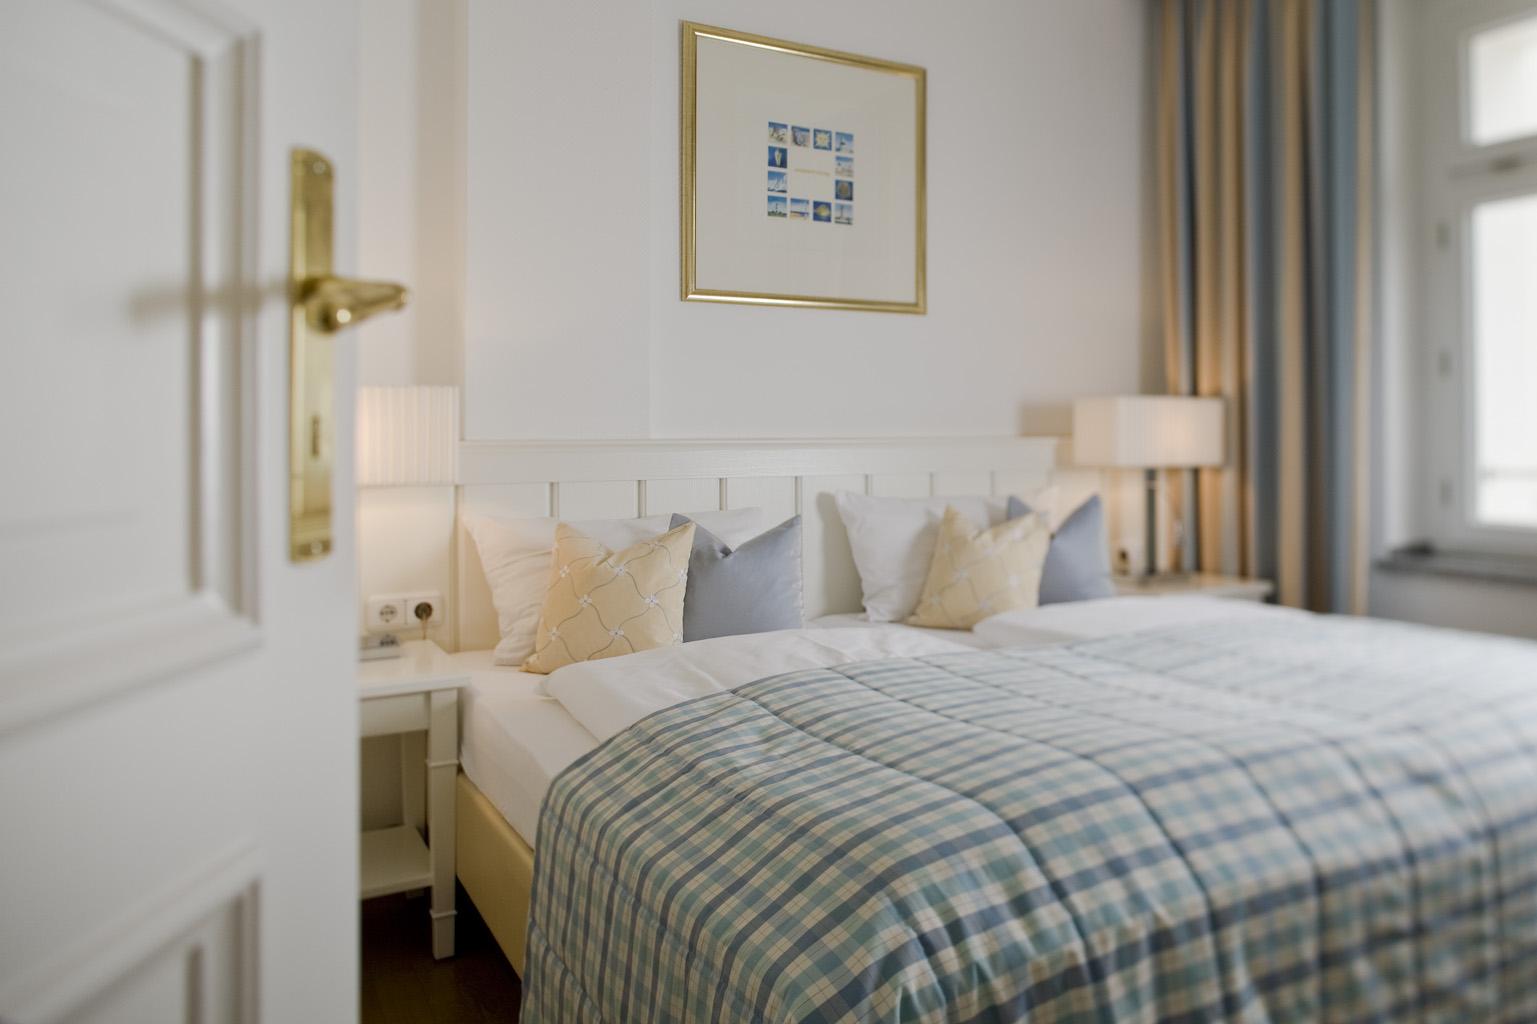 Strandhotel kurhaus juist lockt mit thalasso woche erlebnis und abenteuerurlaub for Hotel juist schwimmbad